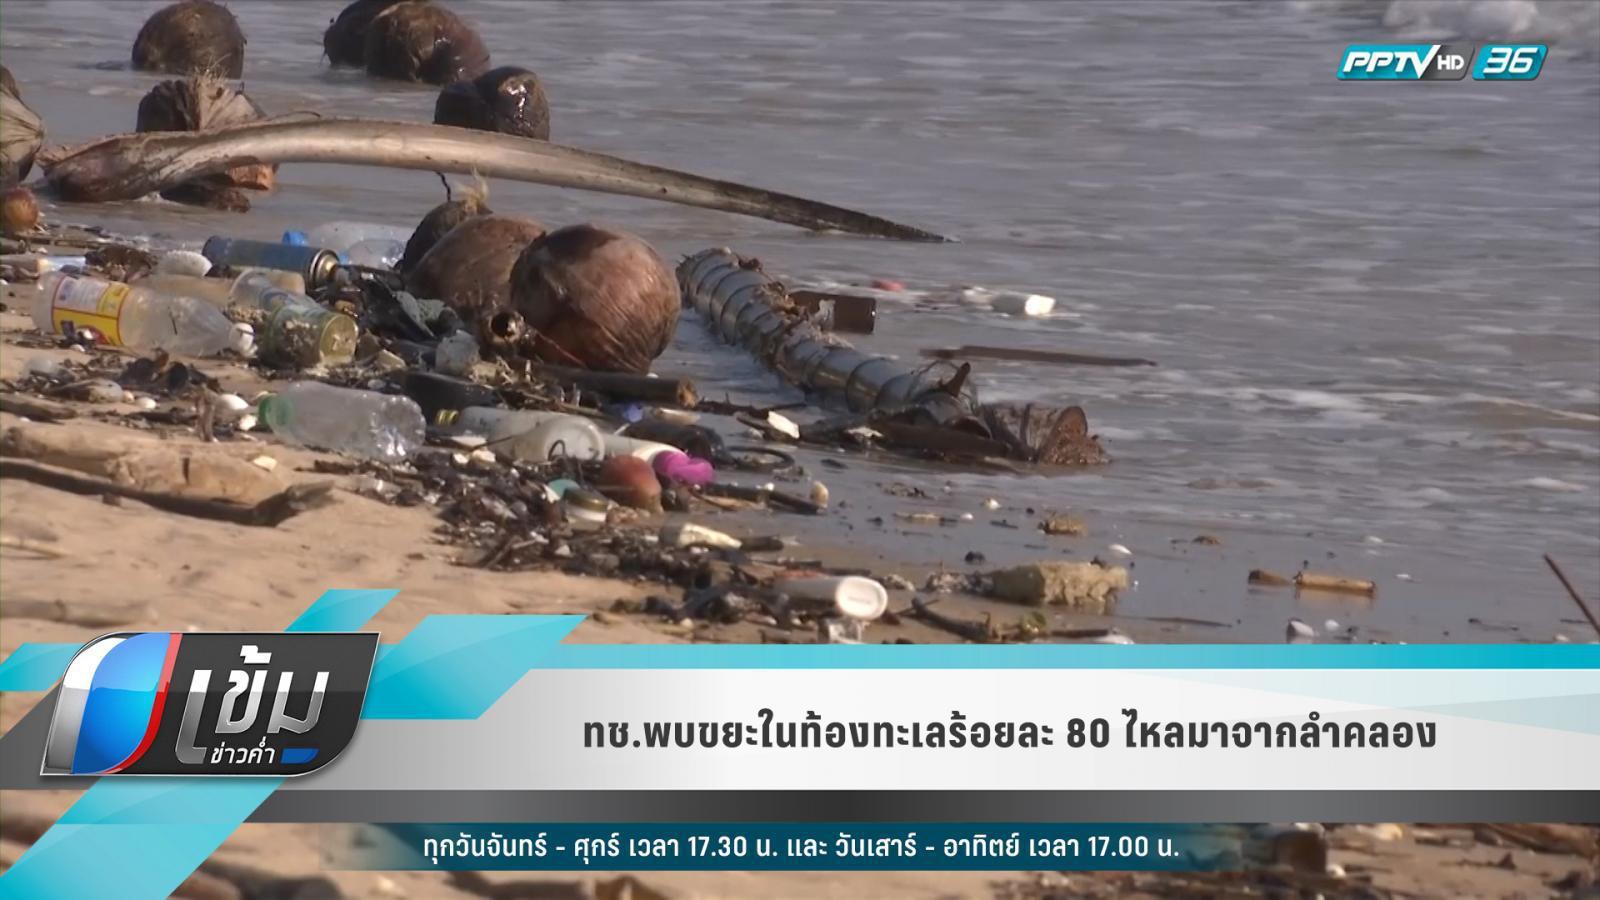 พบขยะในทะเล ร้อยละ 80 ไหลมาจากลำคลอง